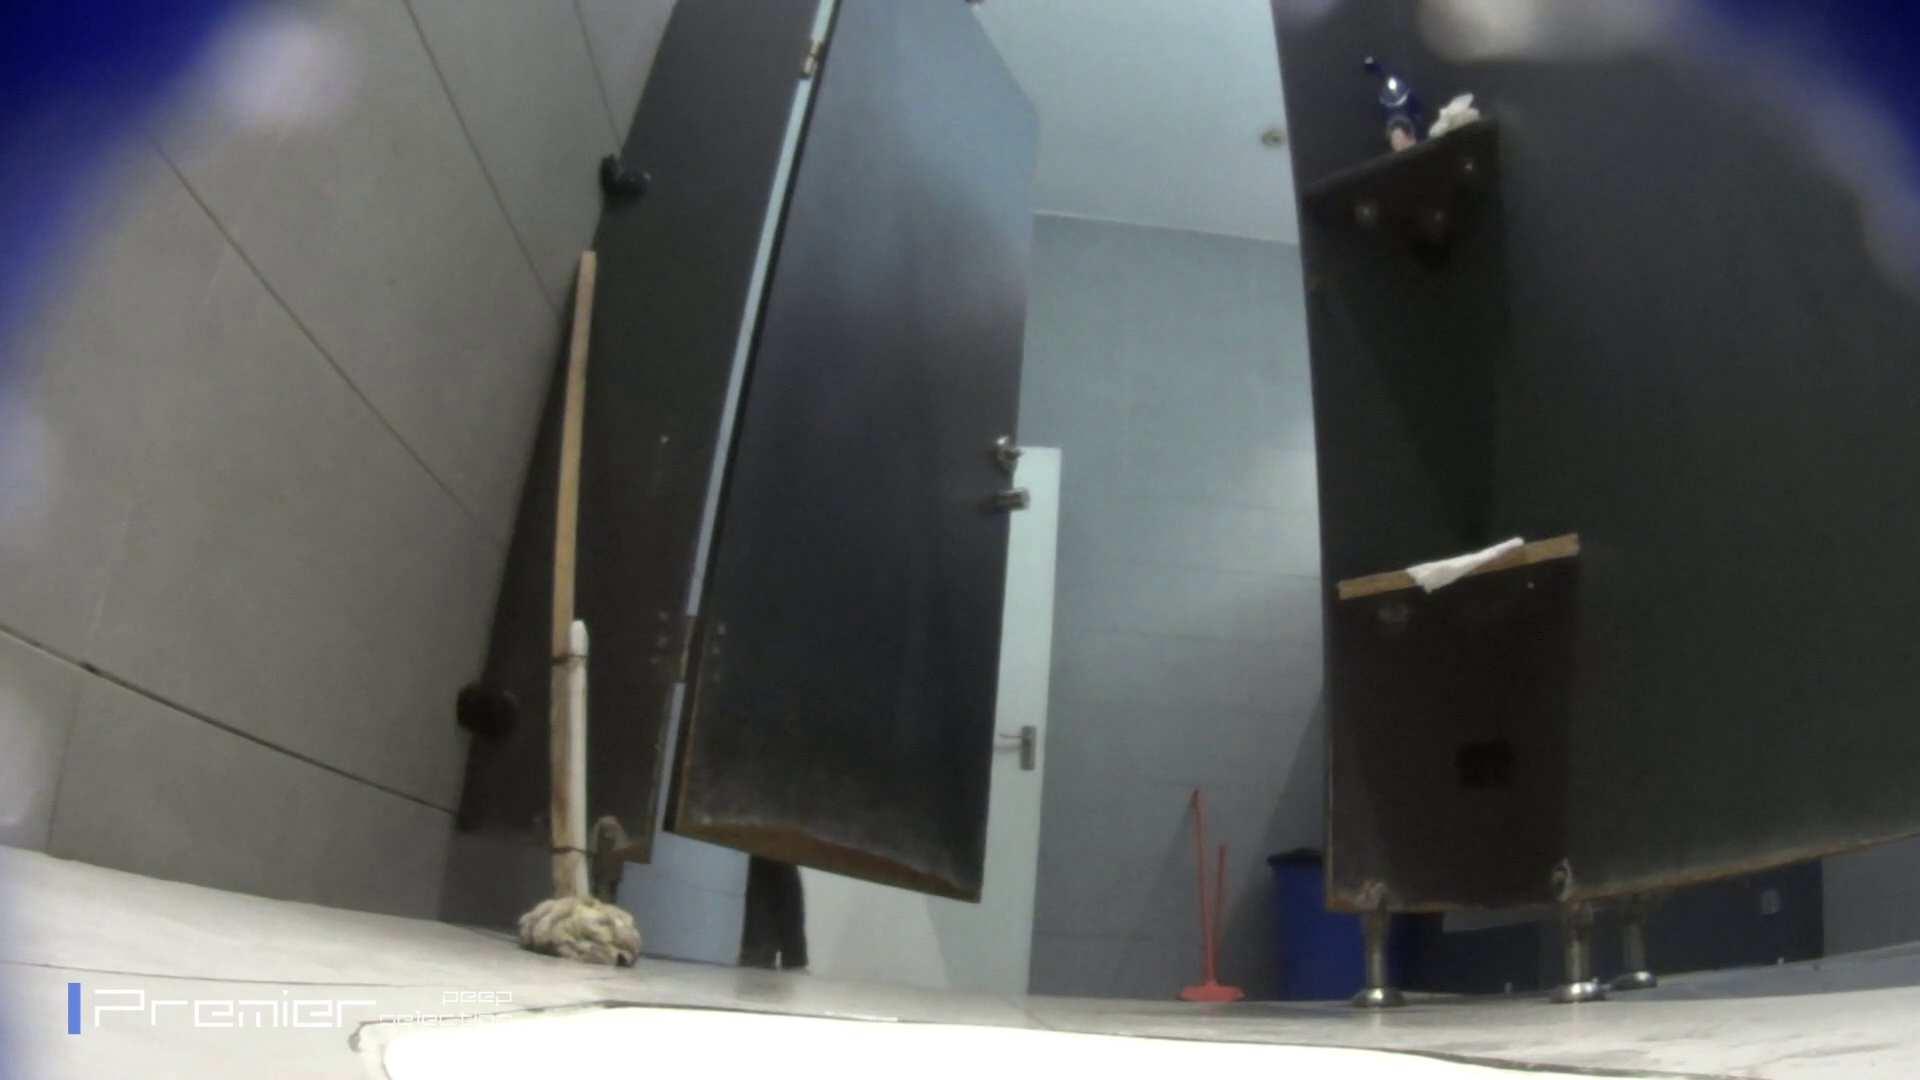 個室のドアを開けたまま放nyoする乙女 大学休憩時間の洗面所事情85 洗面所 | 細身  96画像 35